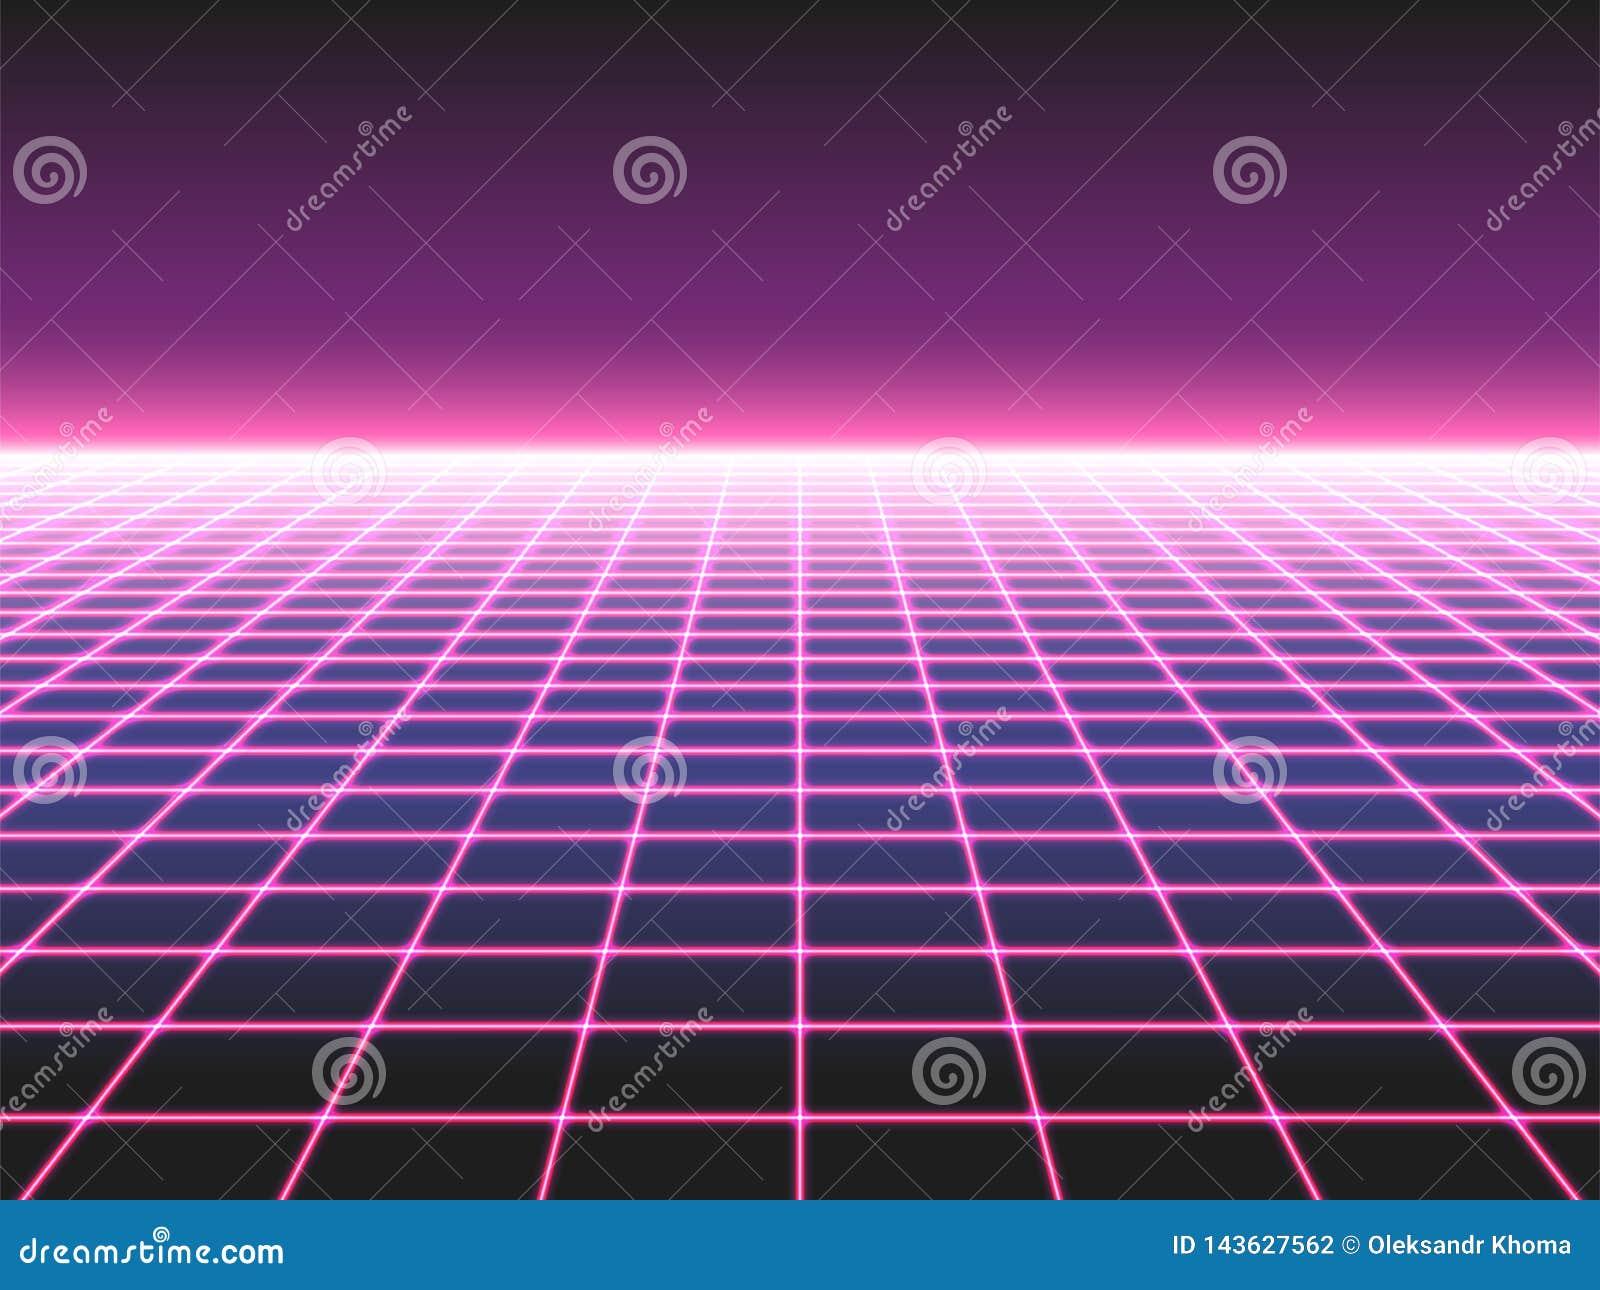 Retro futuristisk neonrasterbakgrund, landskap för nivå för 80-taldesign som perspektiv förvridet komponeras av korsade neonljus,